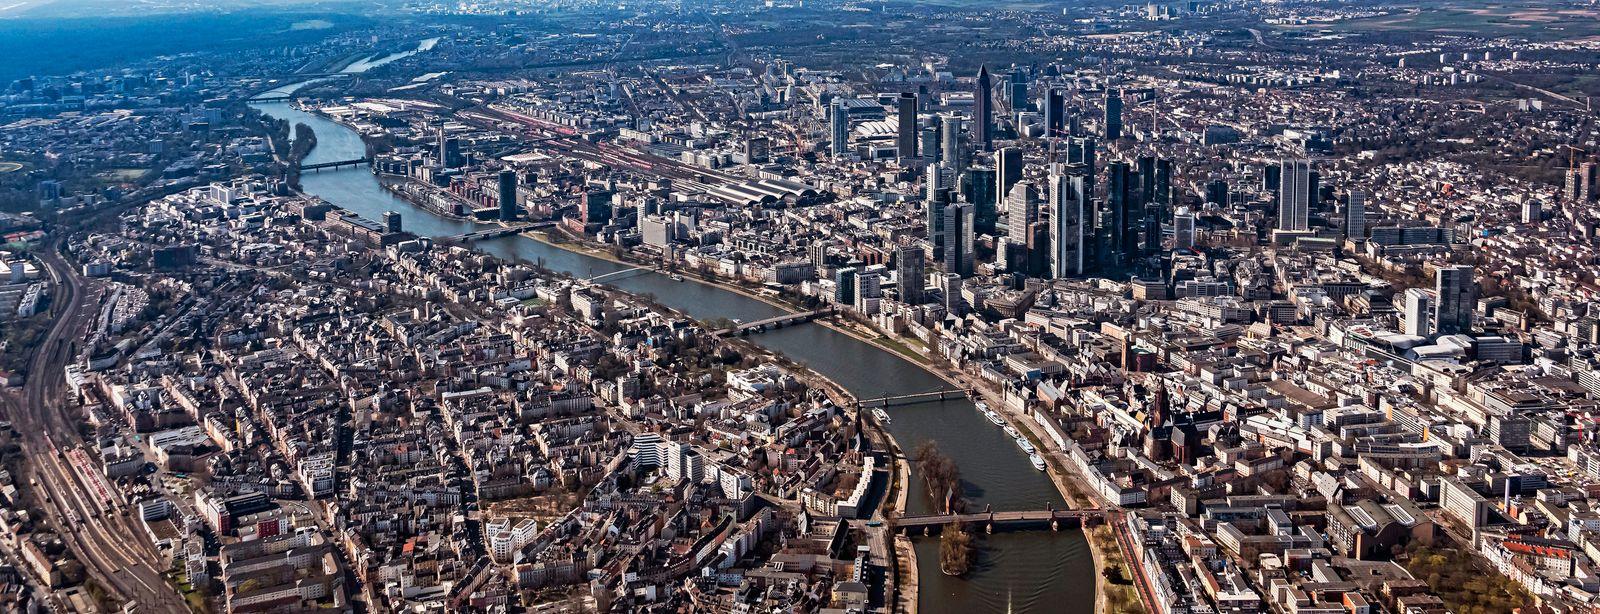 Luftbild Innenstadt Frankfurt am Main